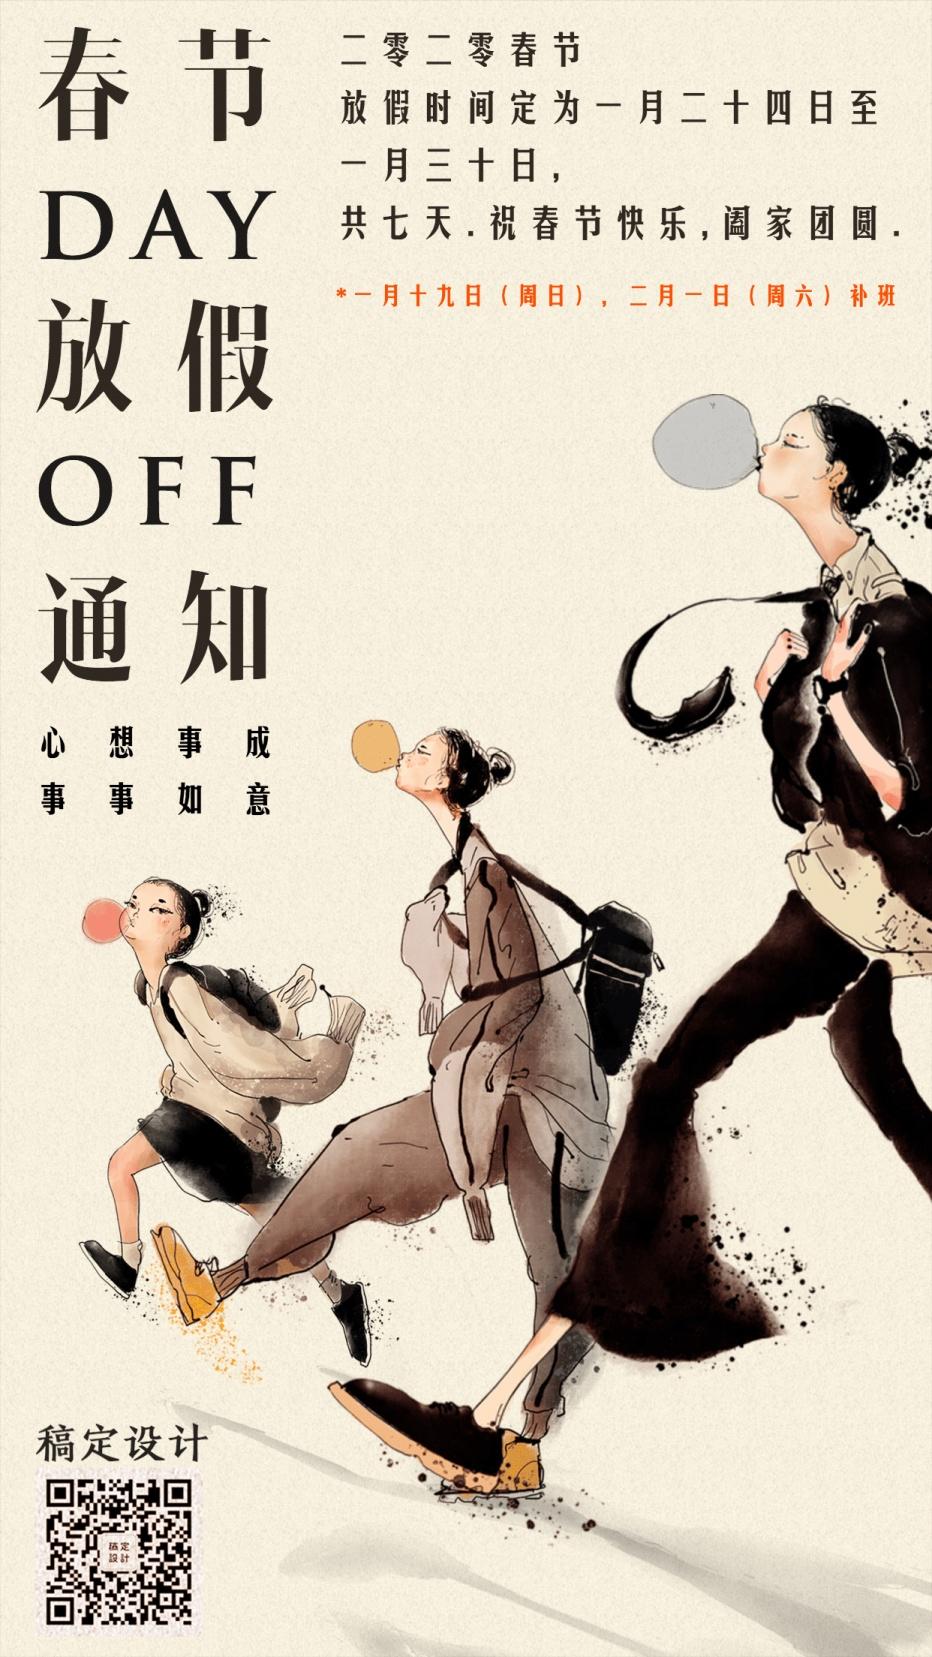 新年春节放假通知潮流卡通水墨风创意手机海报